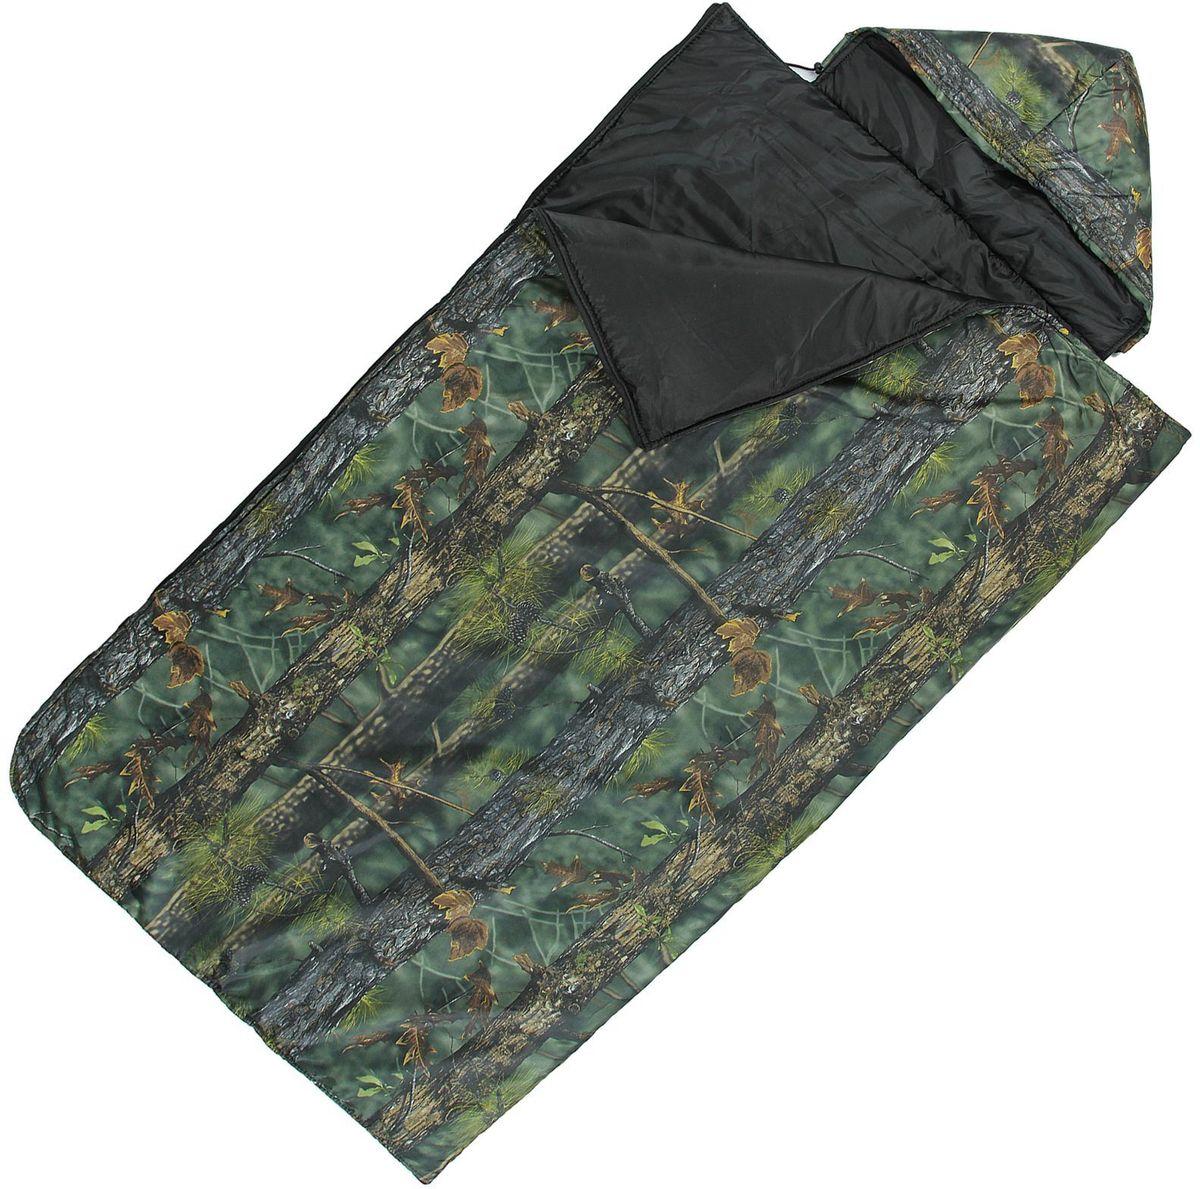 Спальный мешок Onlitop Богатырь, цвет: хаки, правосторонняя молния. 915475915475Комфортный, просторный и очень теплый 3-х сезонный спальник предназначен для походов и для отдыха на природе не только в летнее время, но и в прохладные дни весенне-осеннего периода. В теплое время спальный мешок можно использовать как одеяло (в том числе и дома).